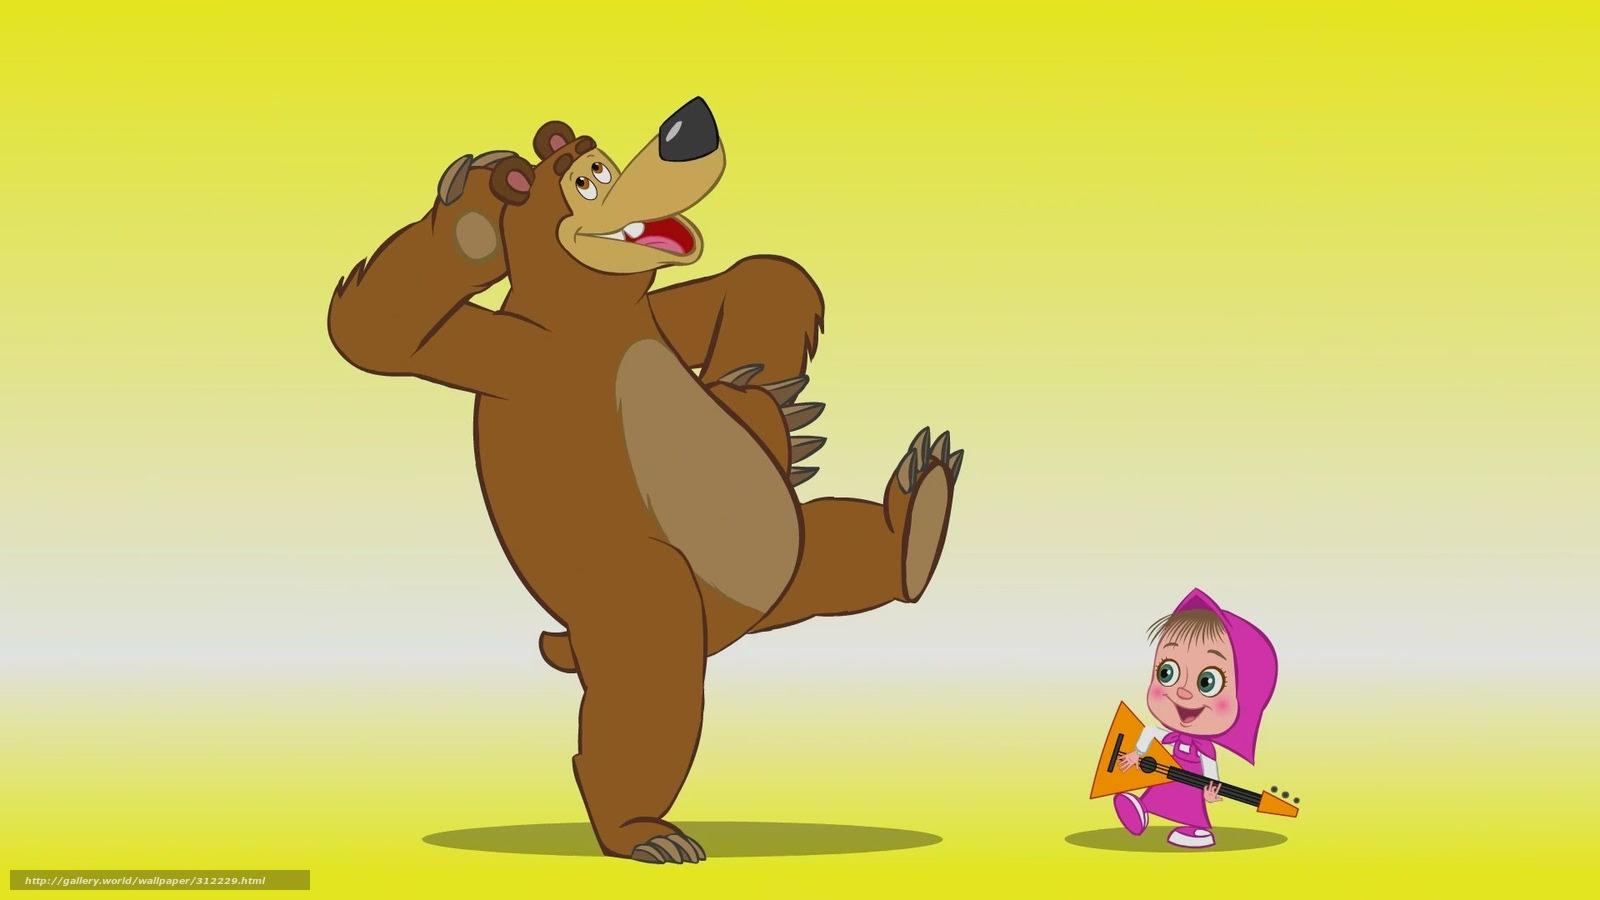 壁紙をダウンロード 漫画 マーシャとくま 女の子 クマ デスクトップ